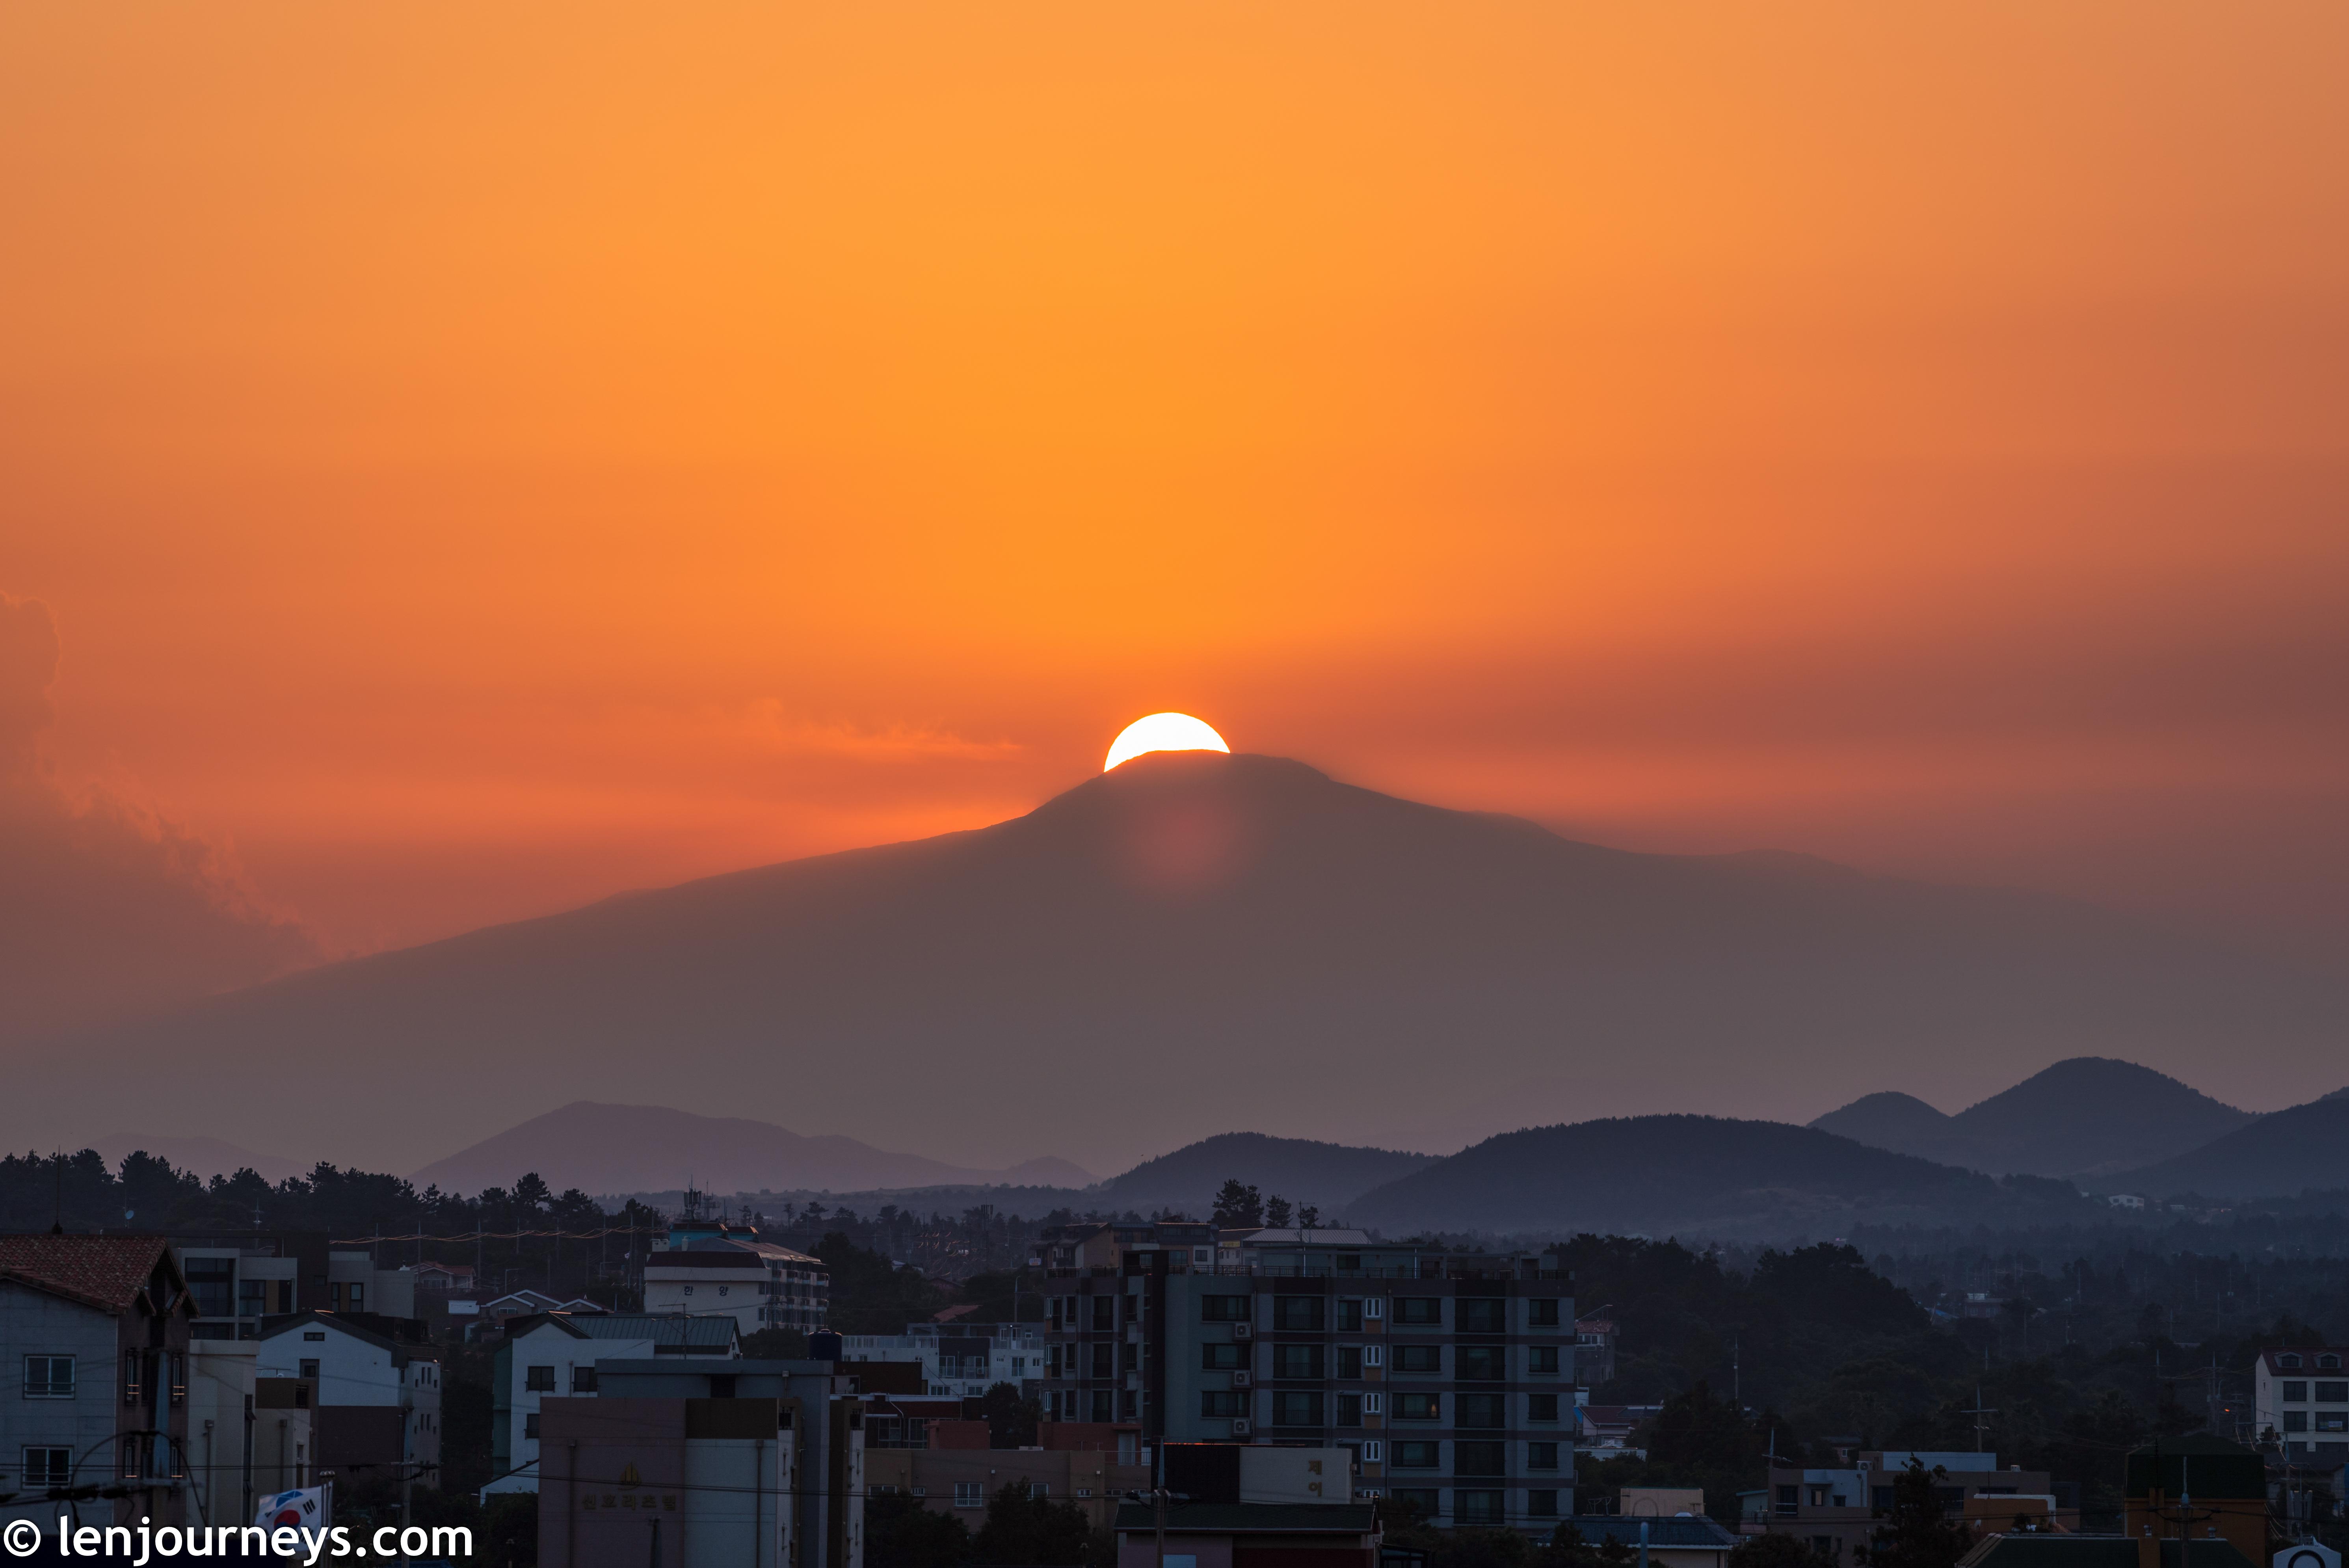 Sunset on Hallasan